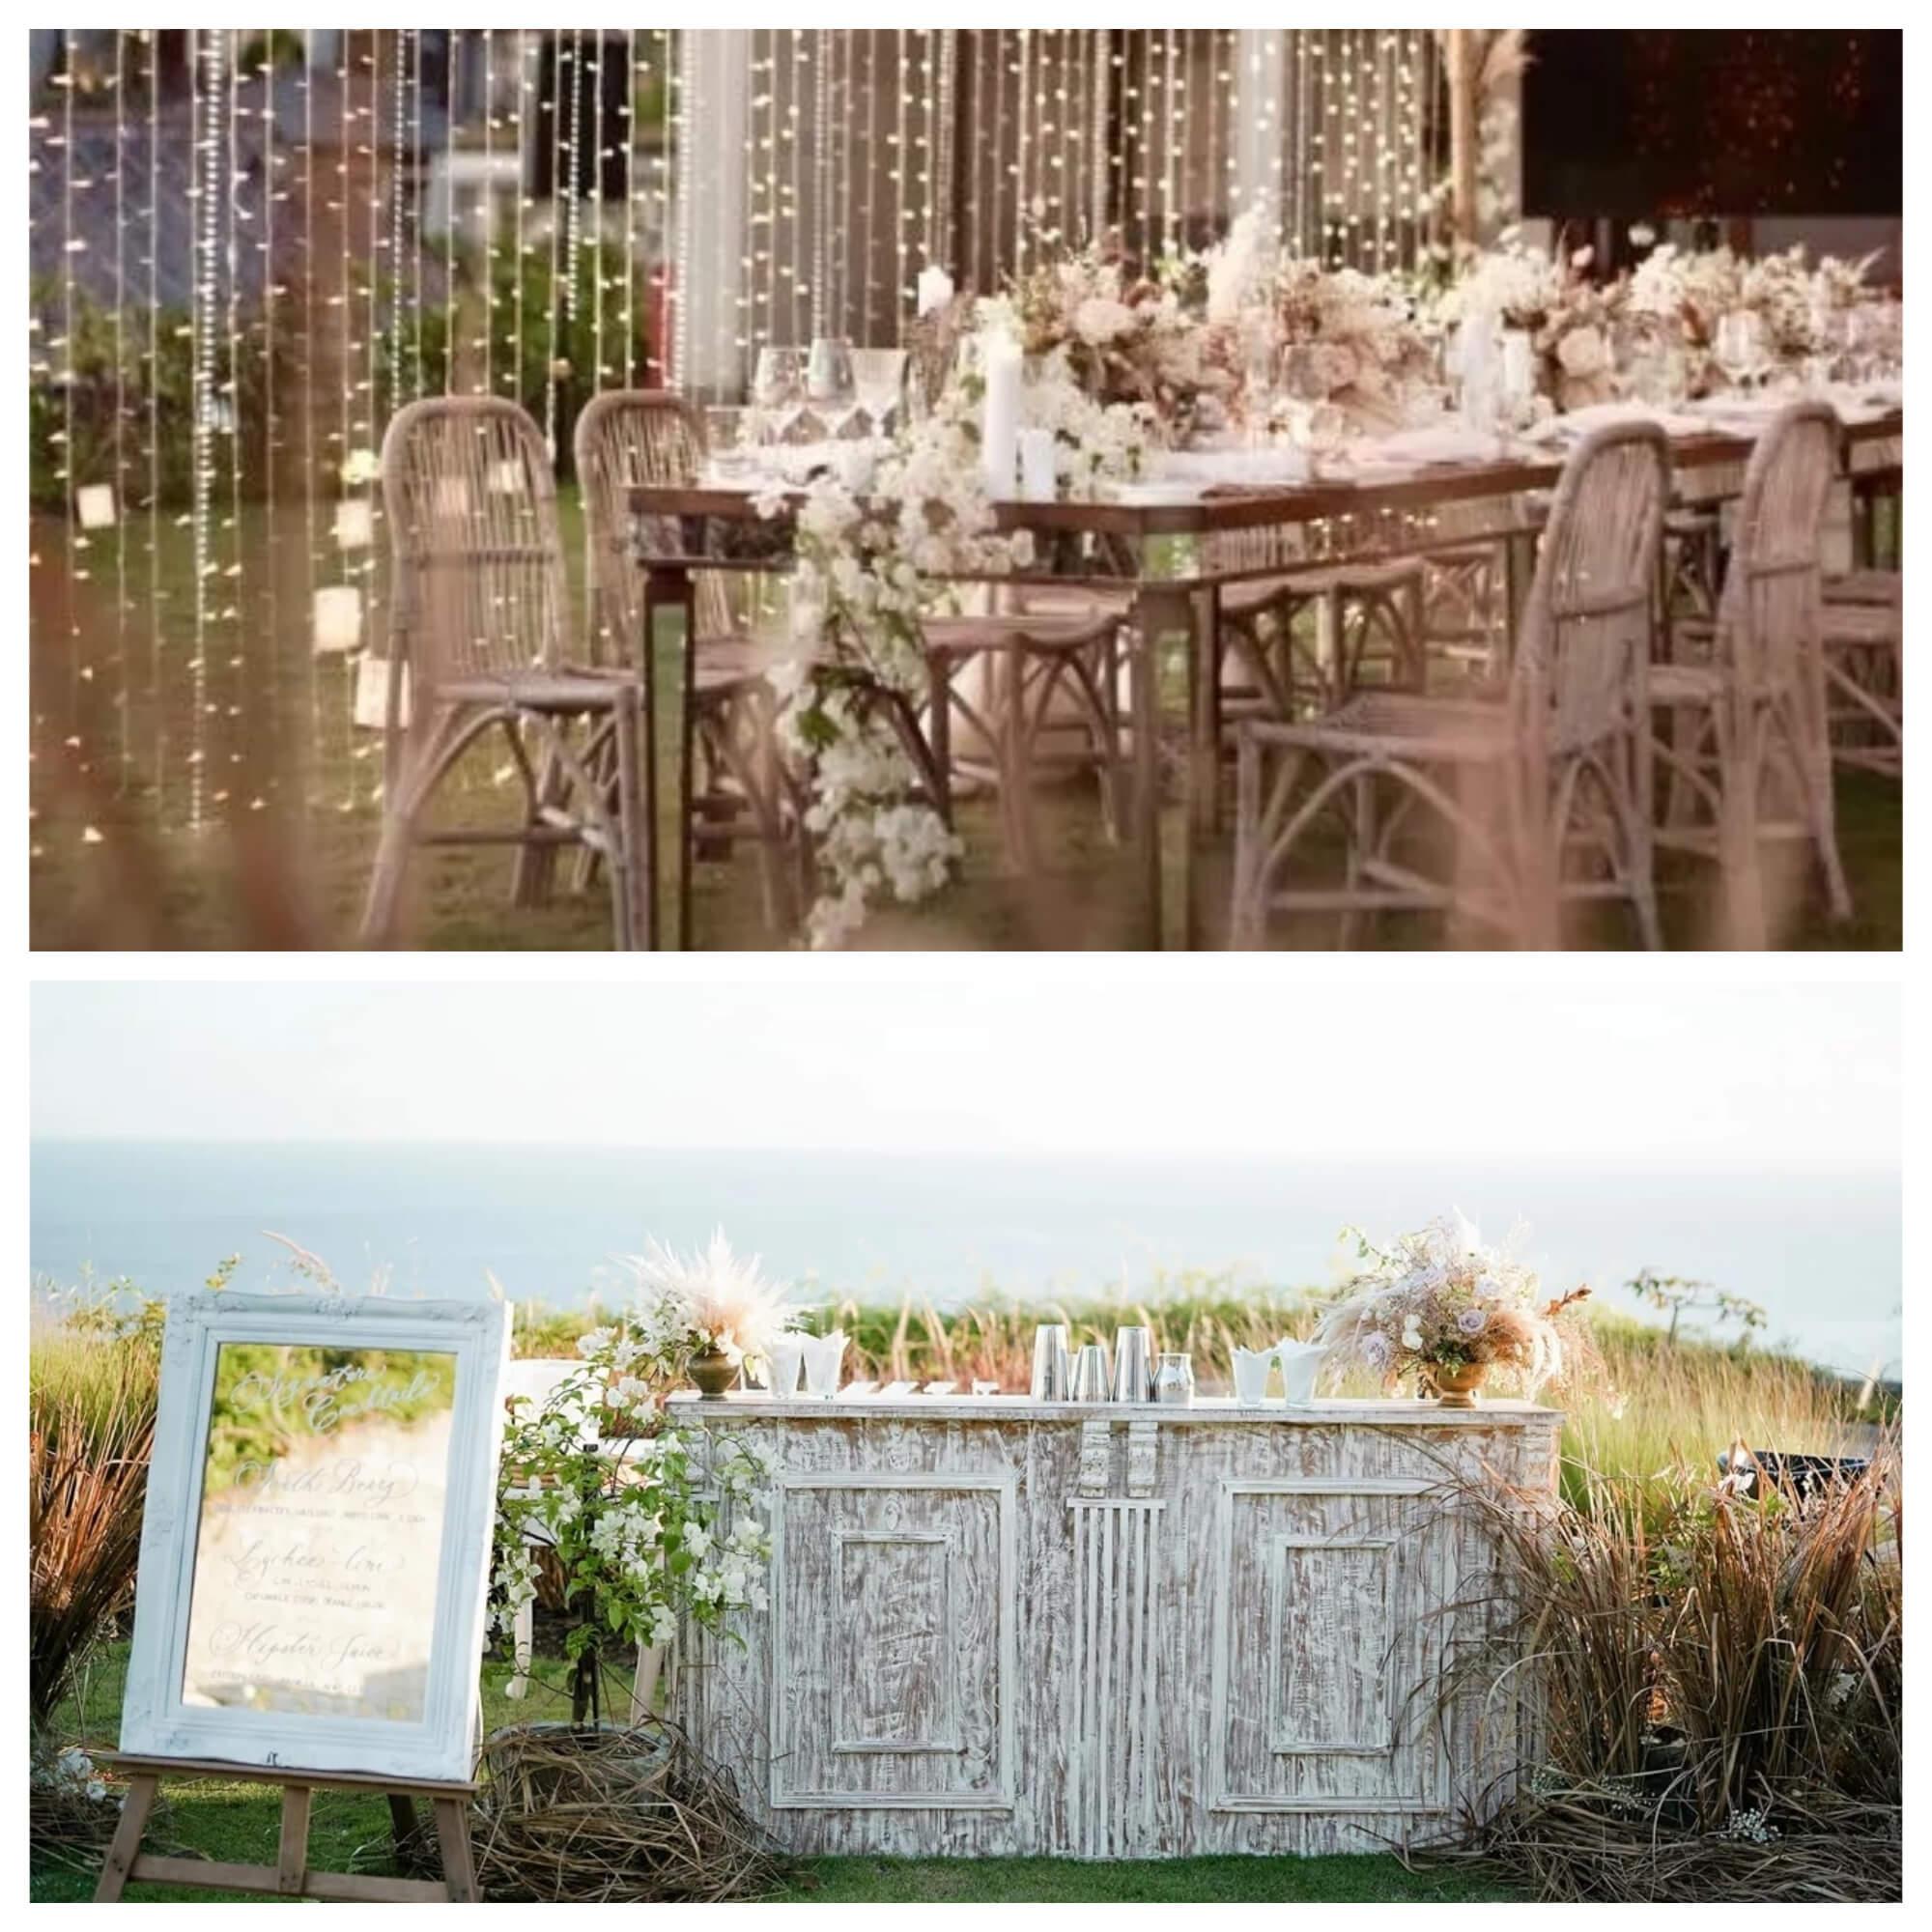 設計師巧妙的運用金黃色蒲葦茅草、乾枯金錢花等,營造出有層次感的大自然美